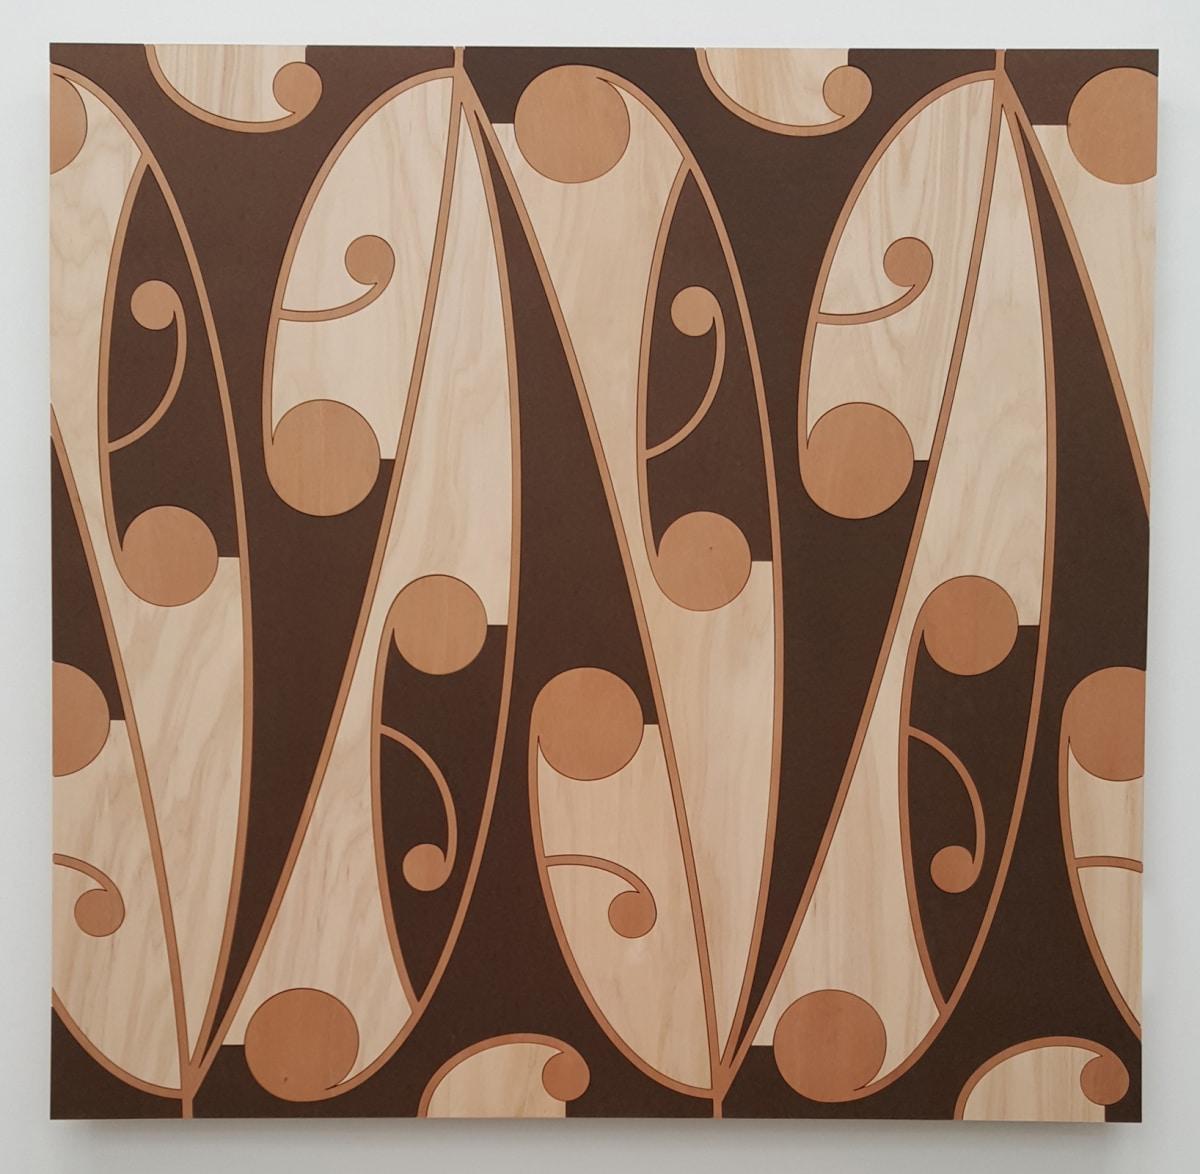 Ngataiharuru TAEPA Mata Rau #6, 2016 Various timbers 43.3 x 43.3 in 110 x 110 cm